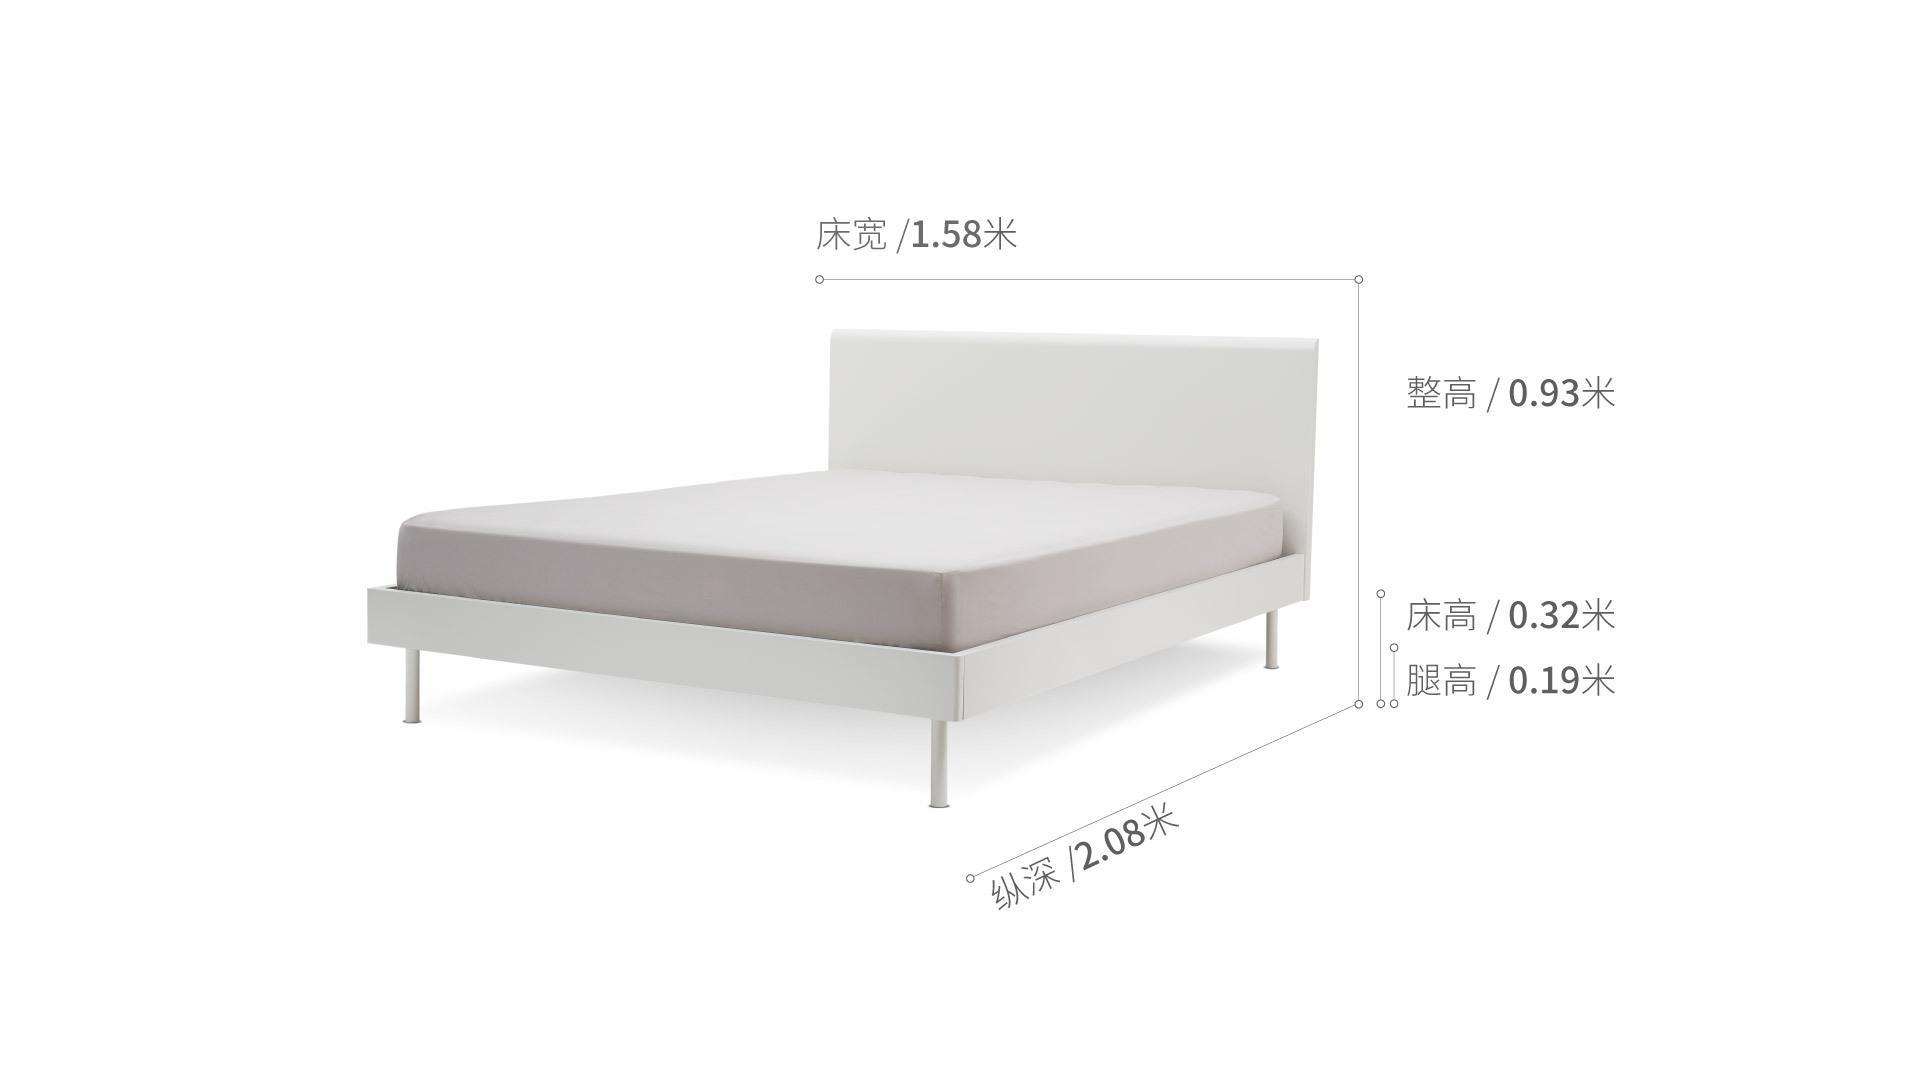 贡多拉床1.5米款床·床具效果图